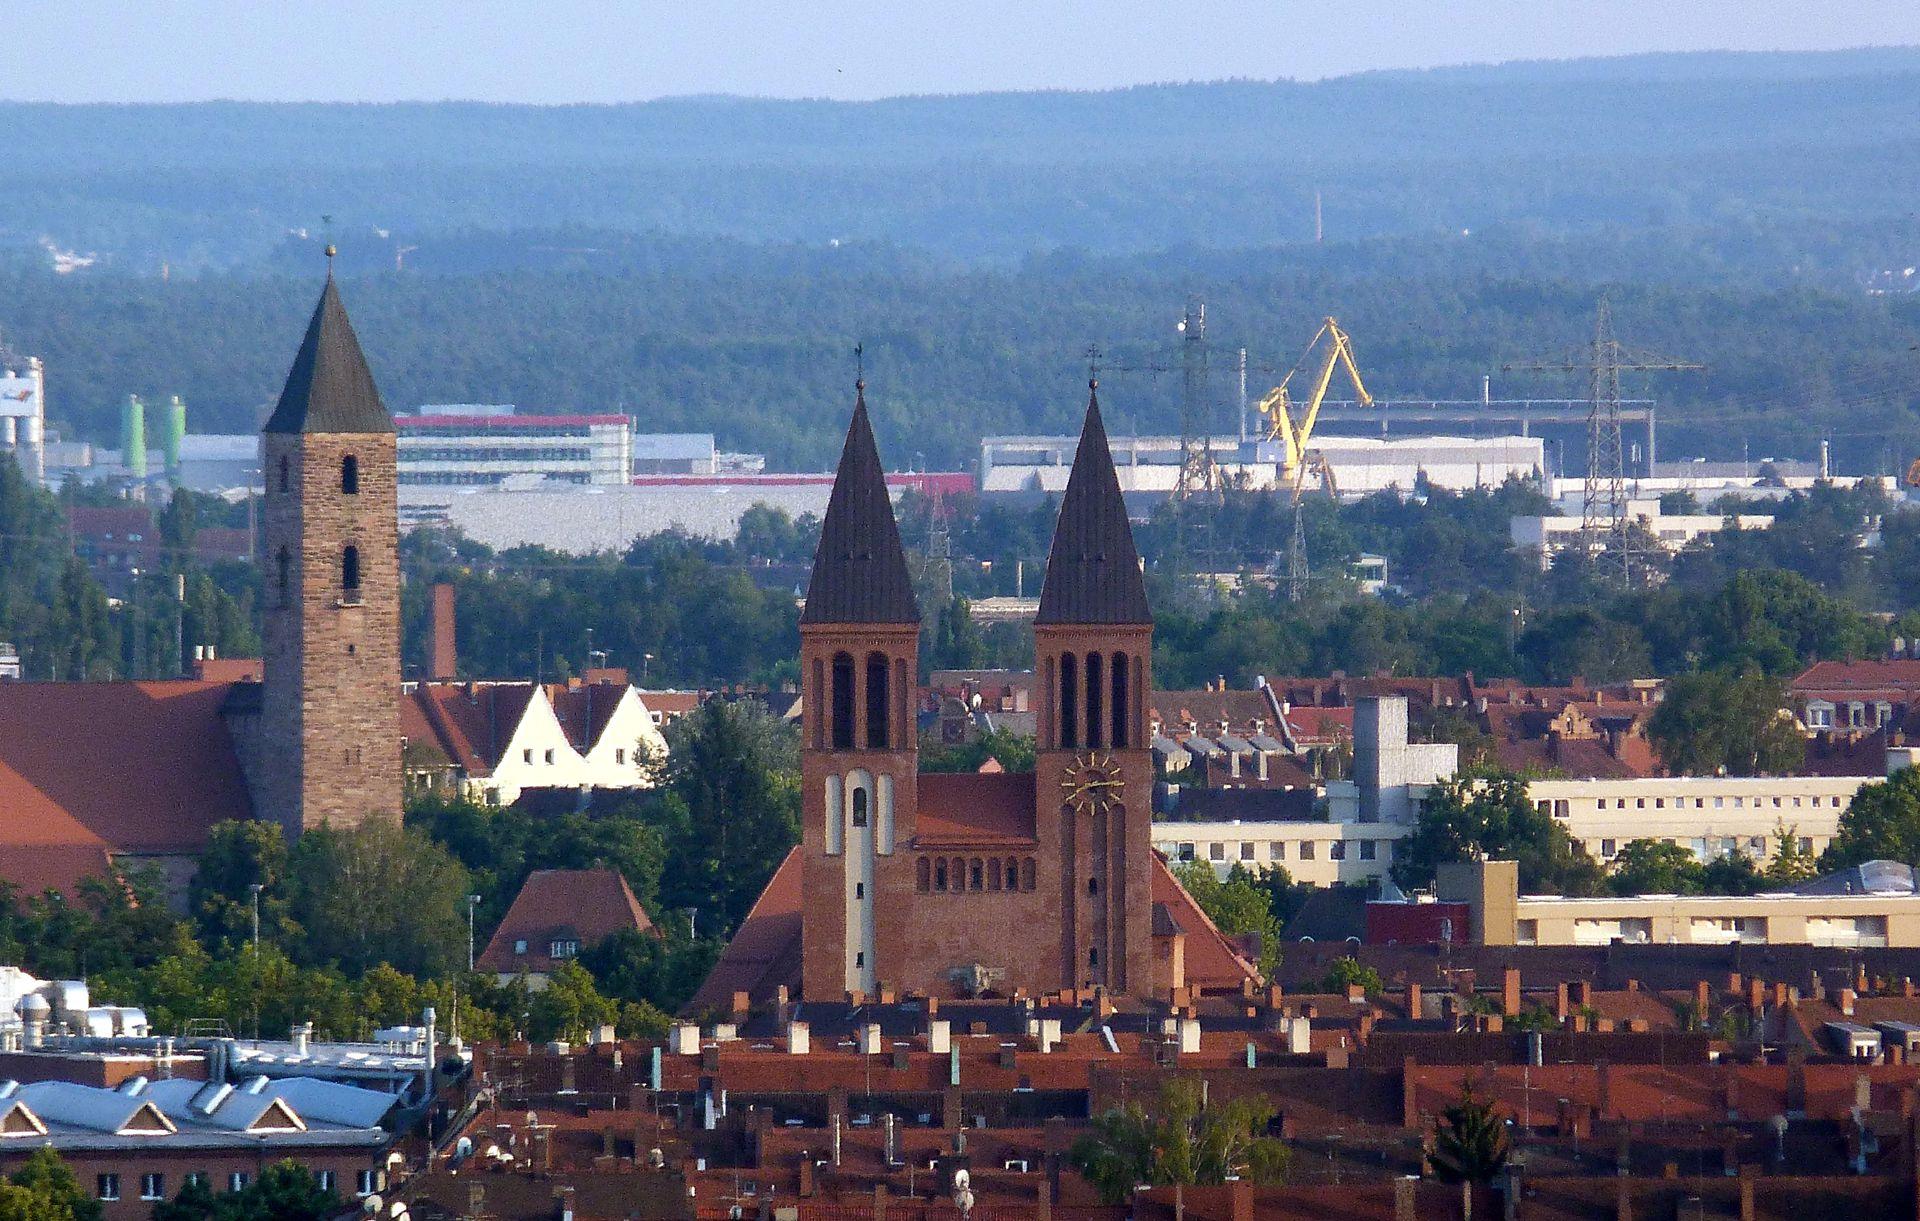 St. Ludwig Blick über die Dächer von Gibitzenhof auf St. Ludwig